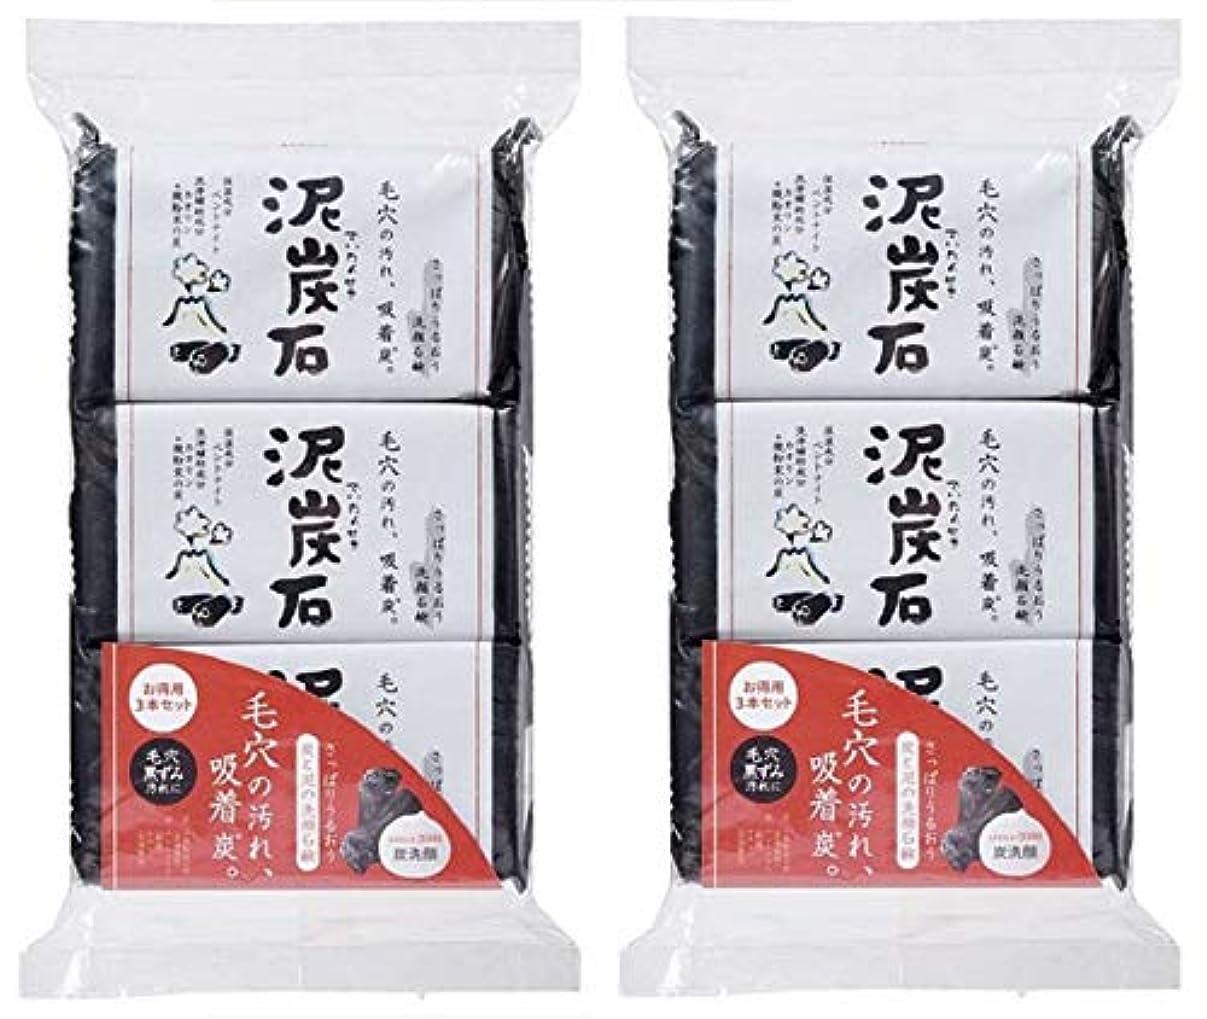 ゲートウェイ子犬電圧(まとめ買い)ペリカン石鹸 泥炭石 110g×3個 ×2セット